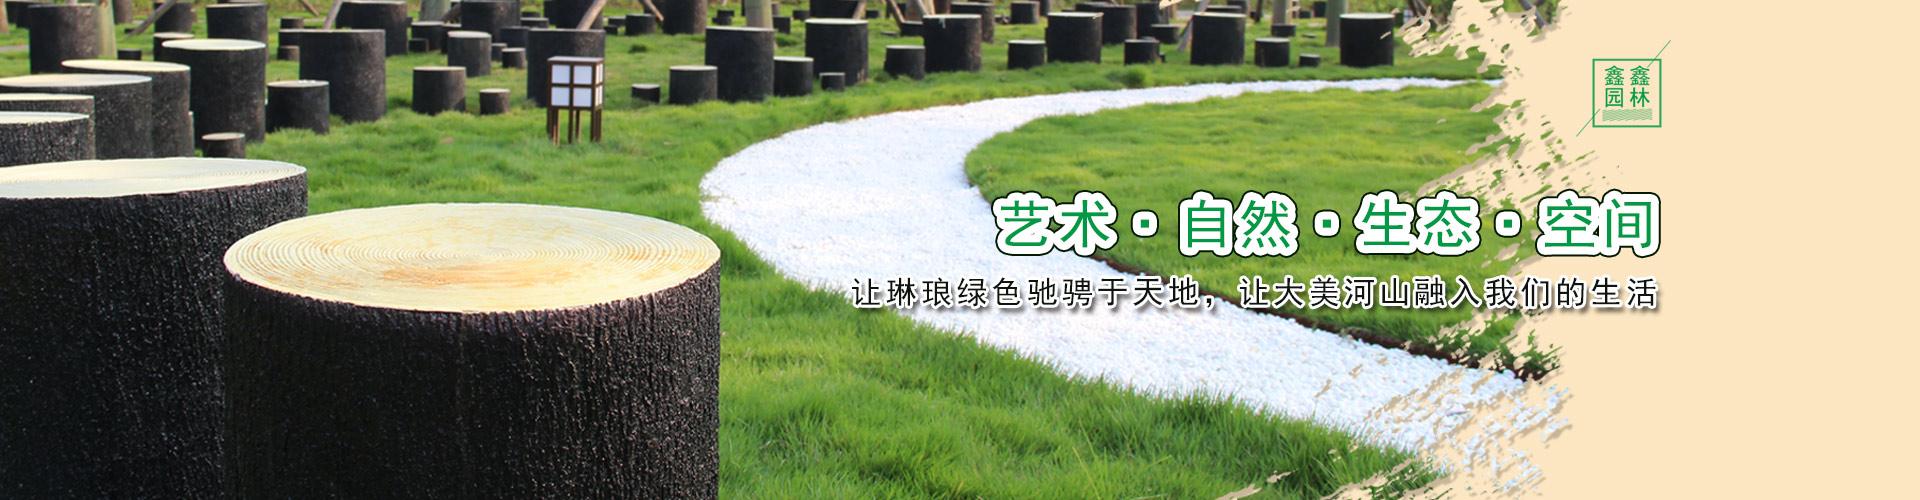 鑫鑫园林,绿化,道路